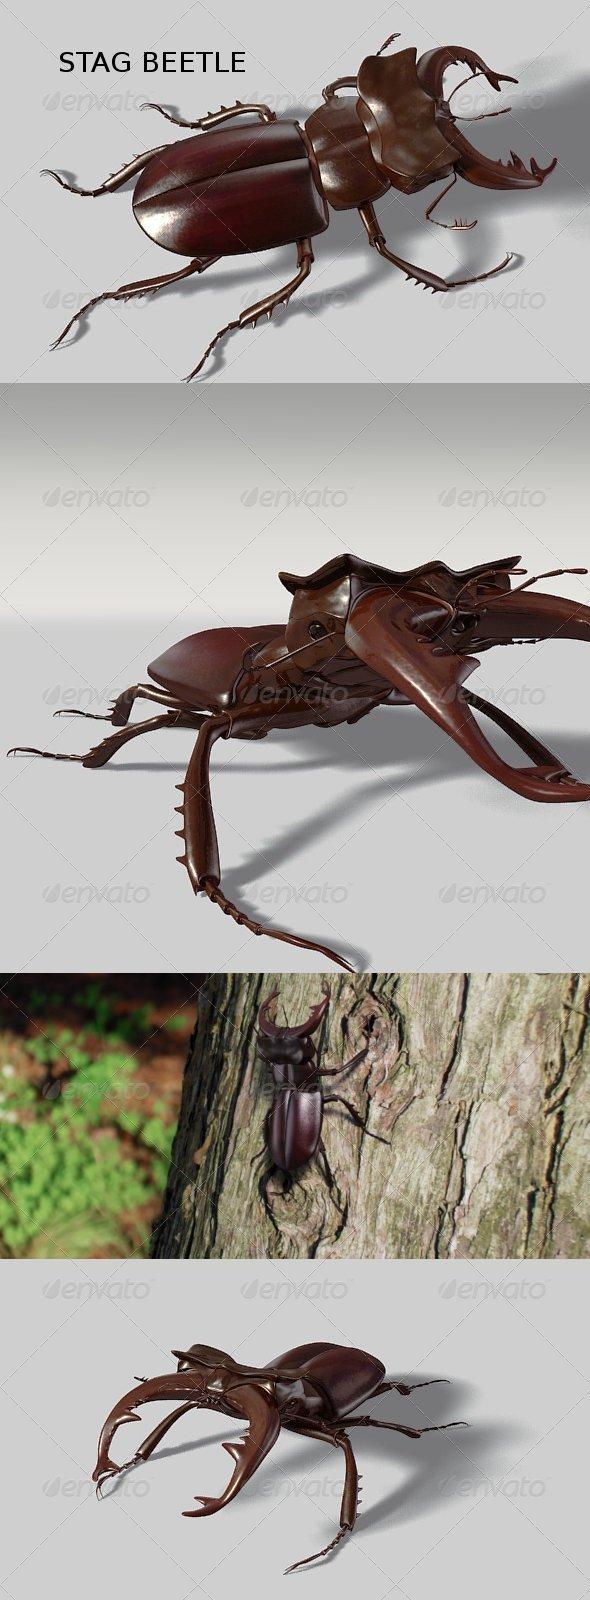 3DOcean Stag beetle 136665